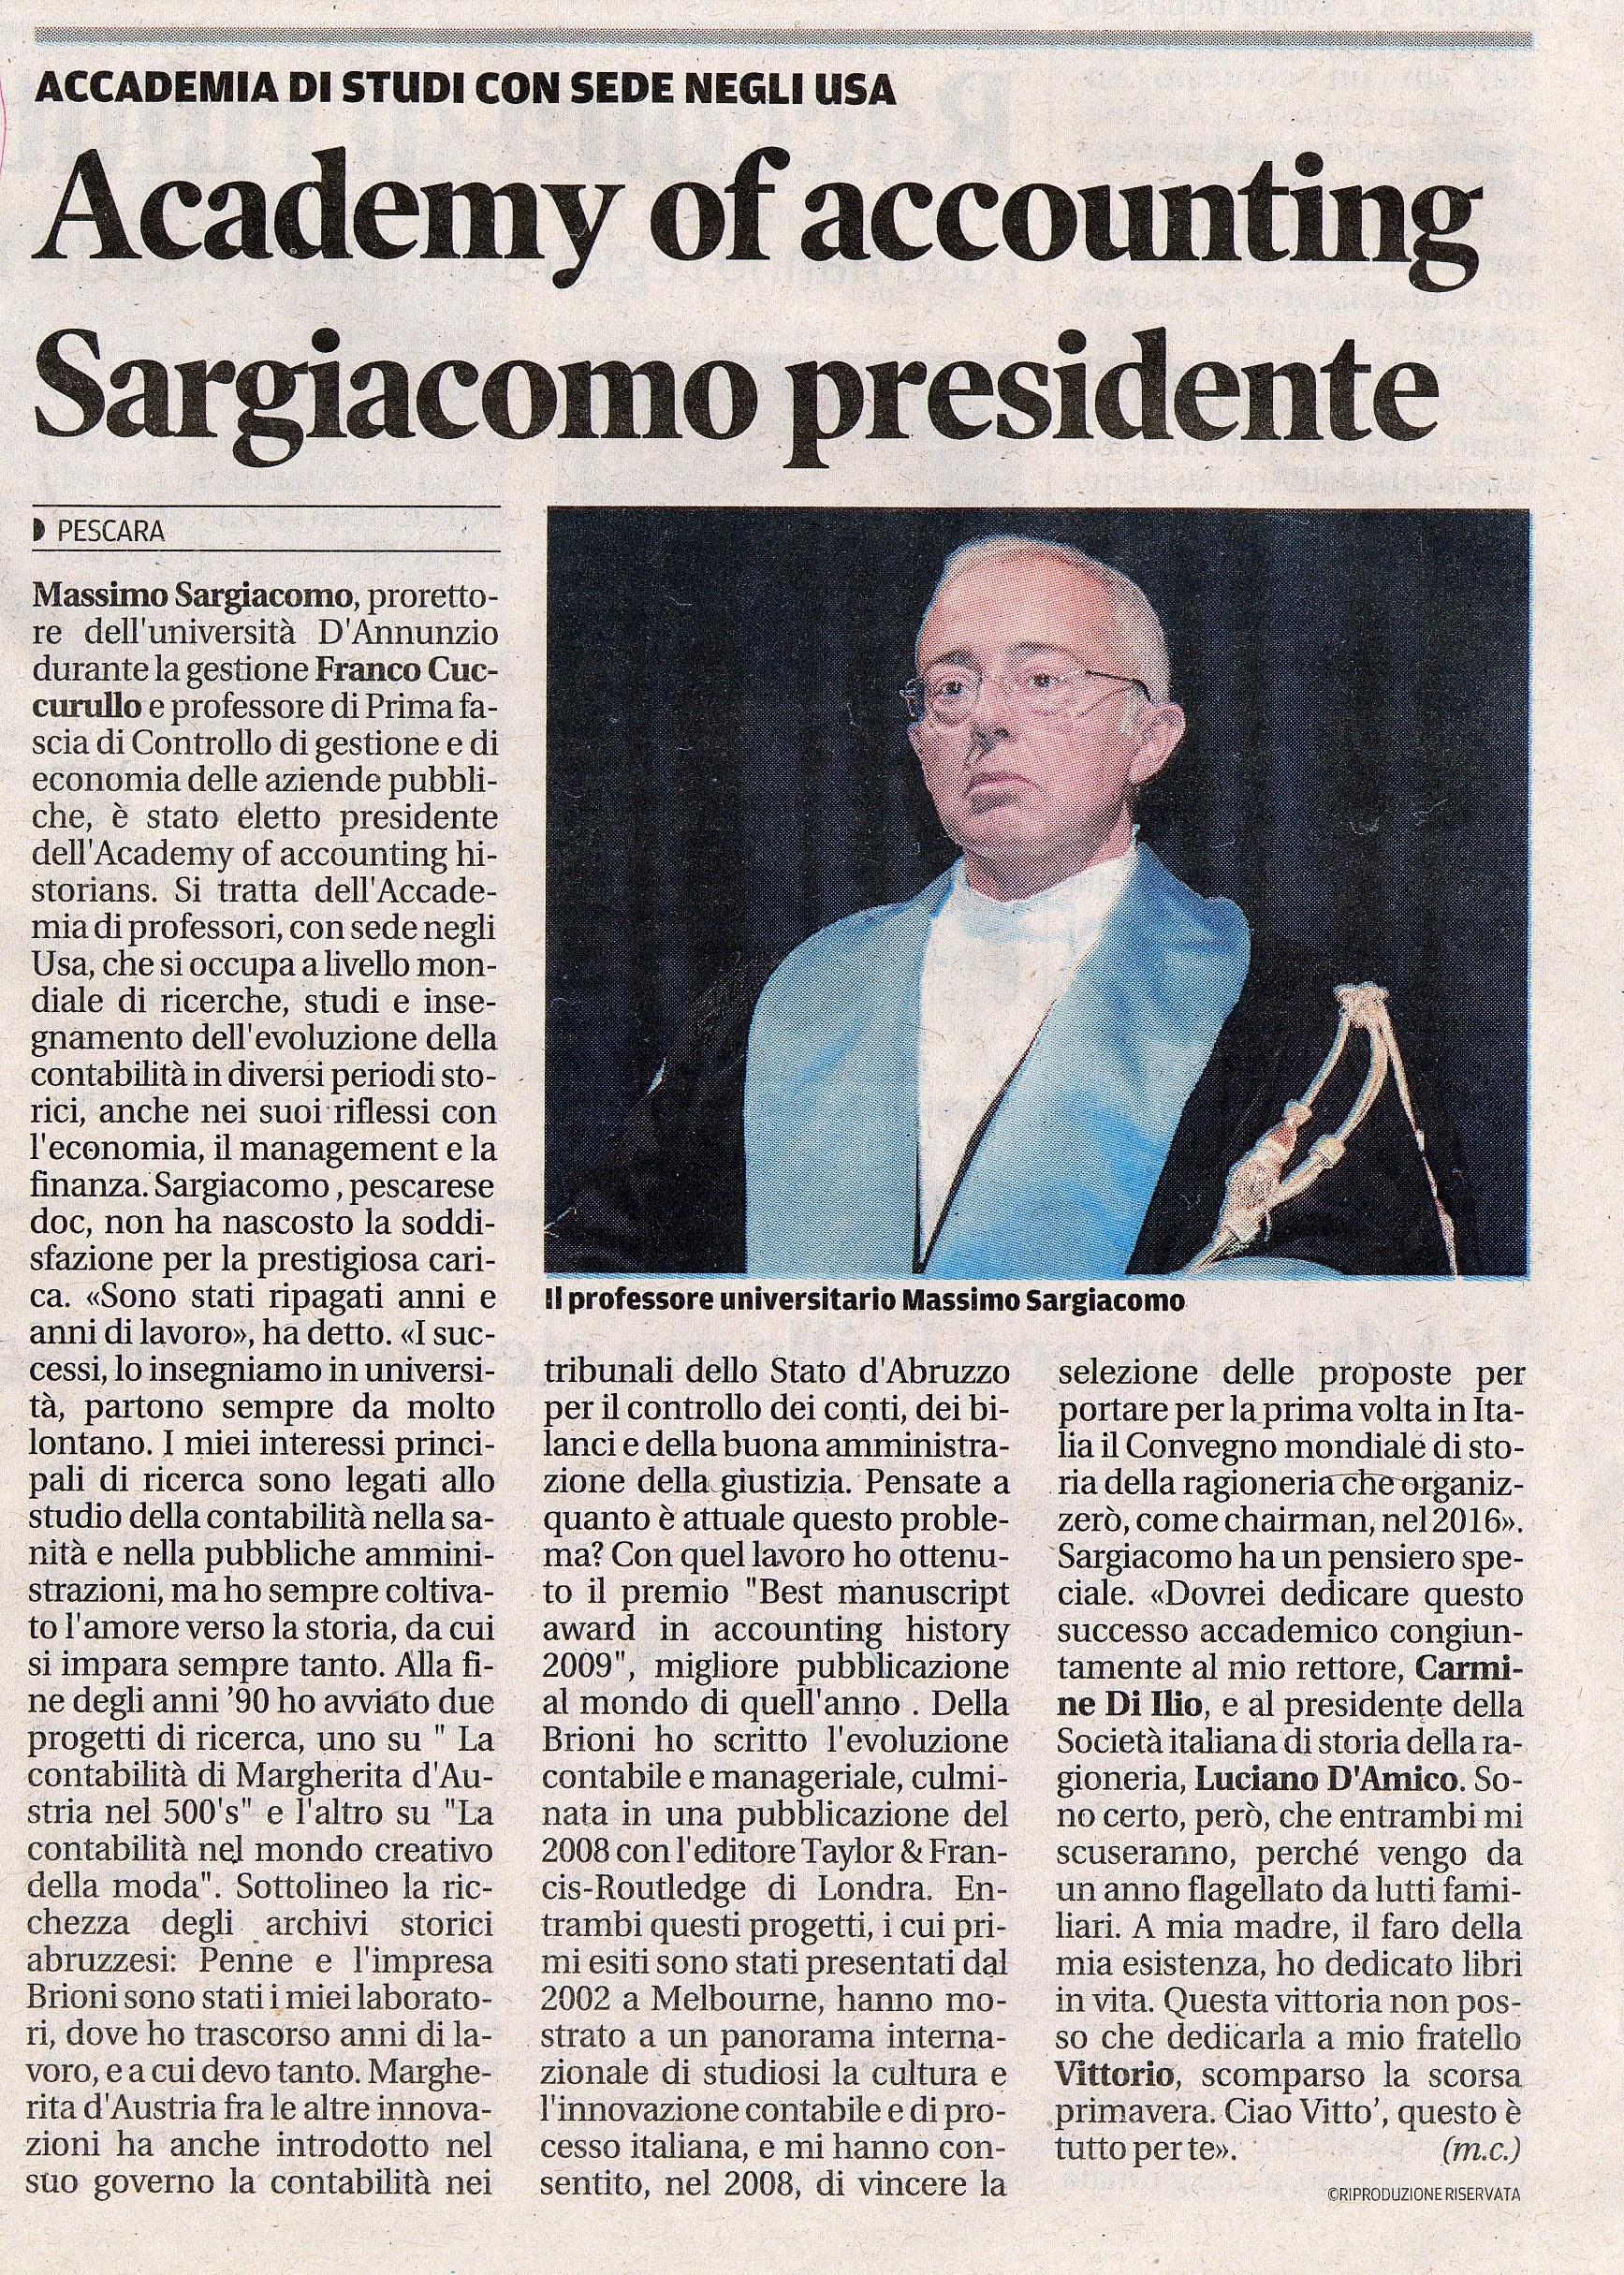 Massimo Sargiacomo - Il Centro gennaio 2013